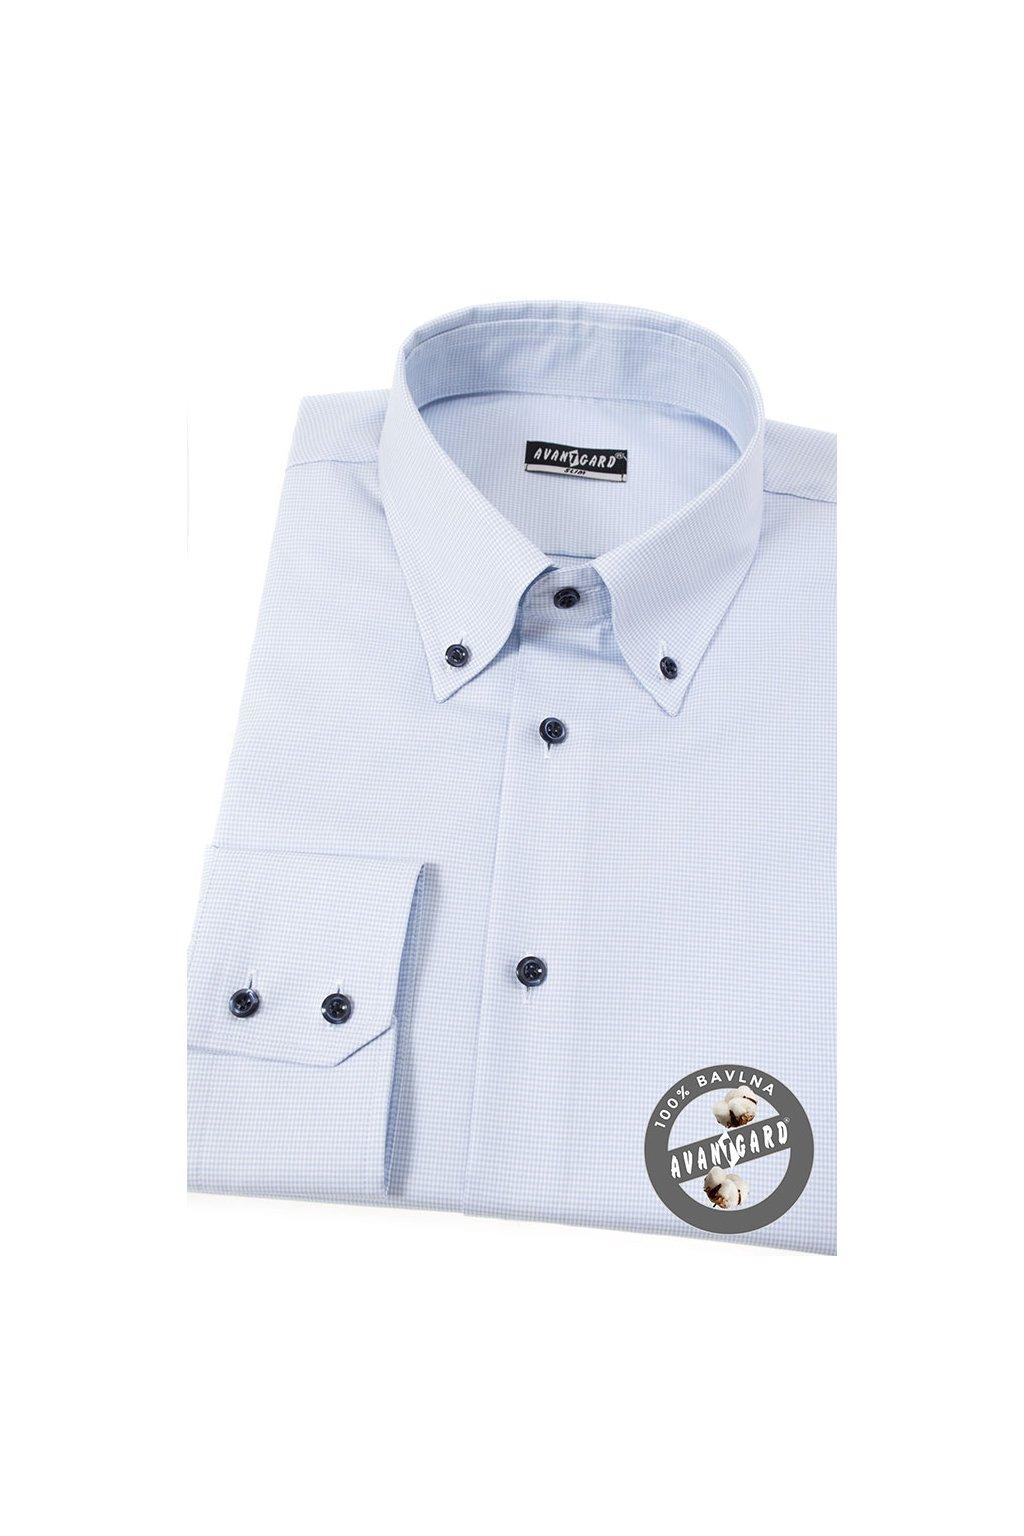 Pánská košile SLIM s propínacím límcem modrá 131 - 1501